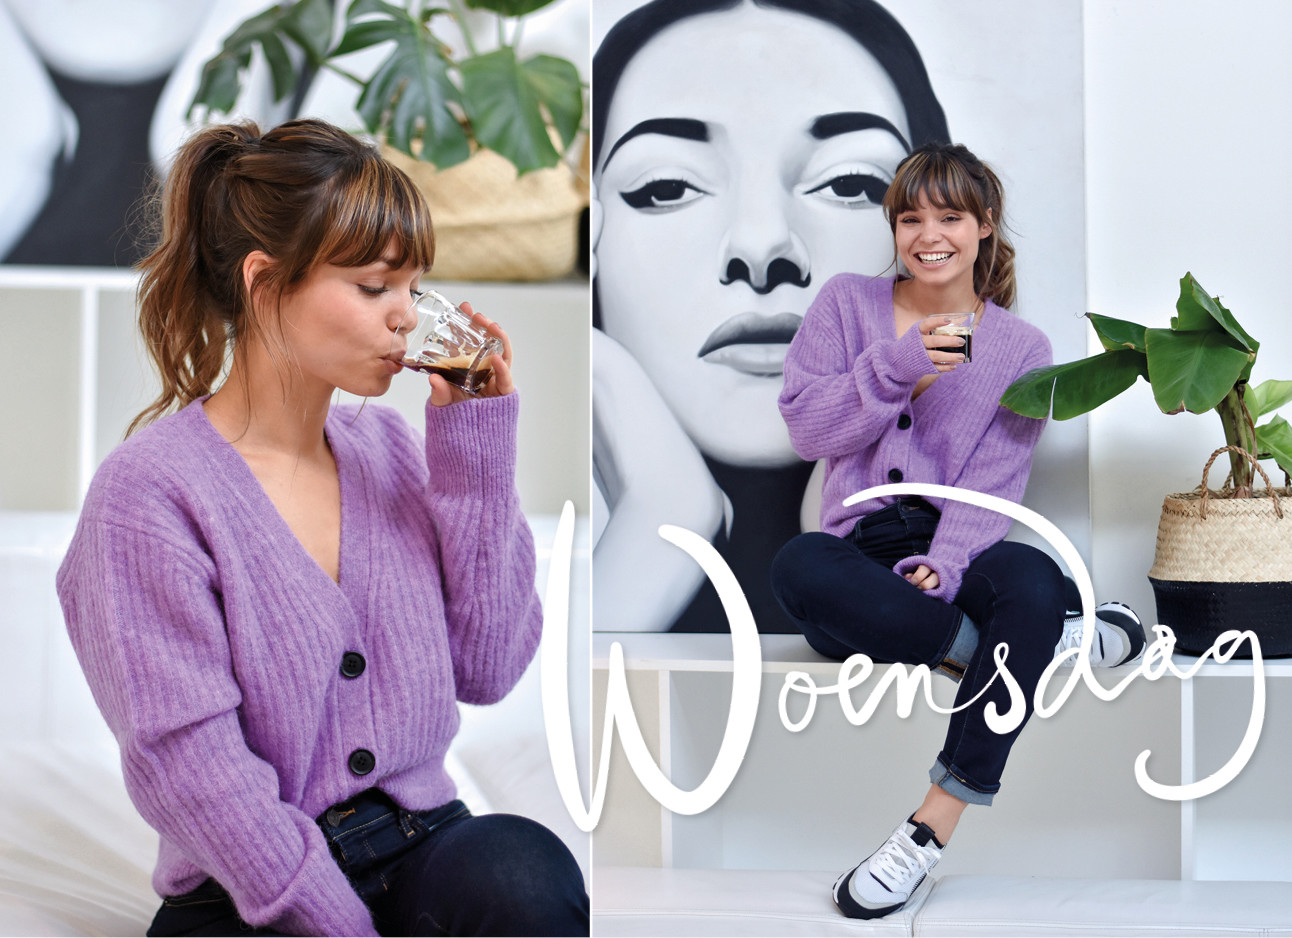 Vrouw op een bank met een paars vest